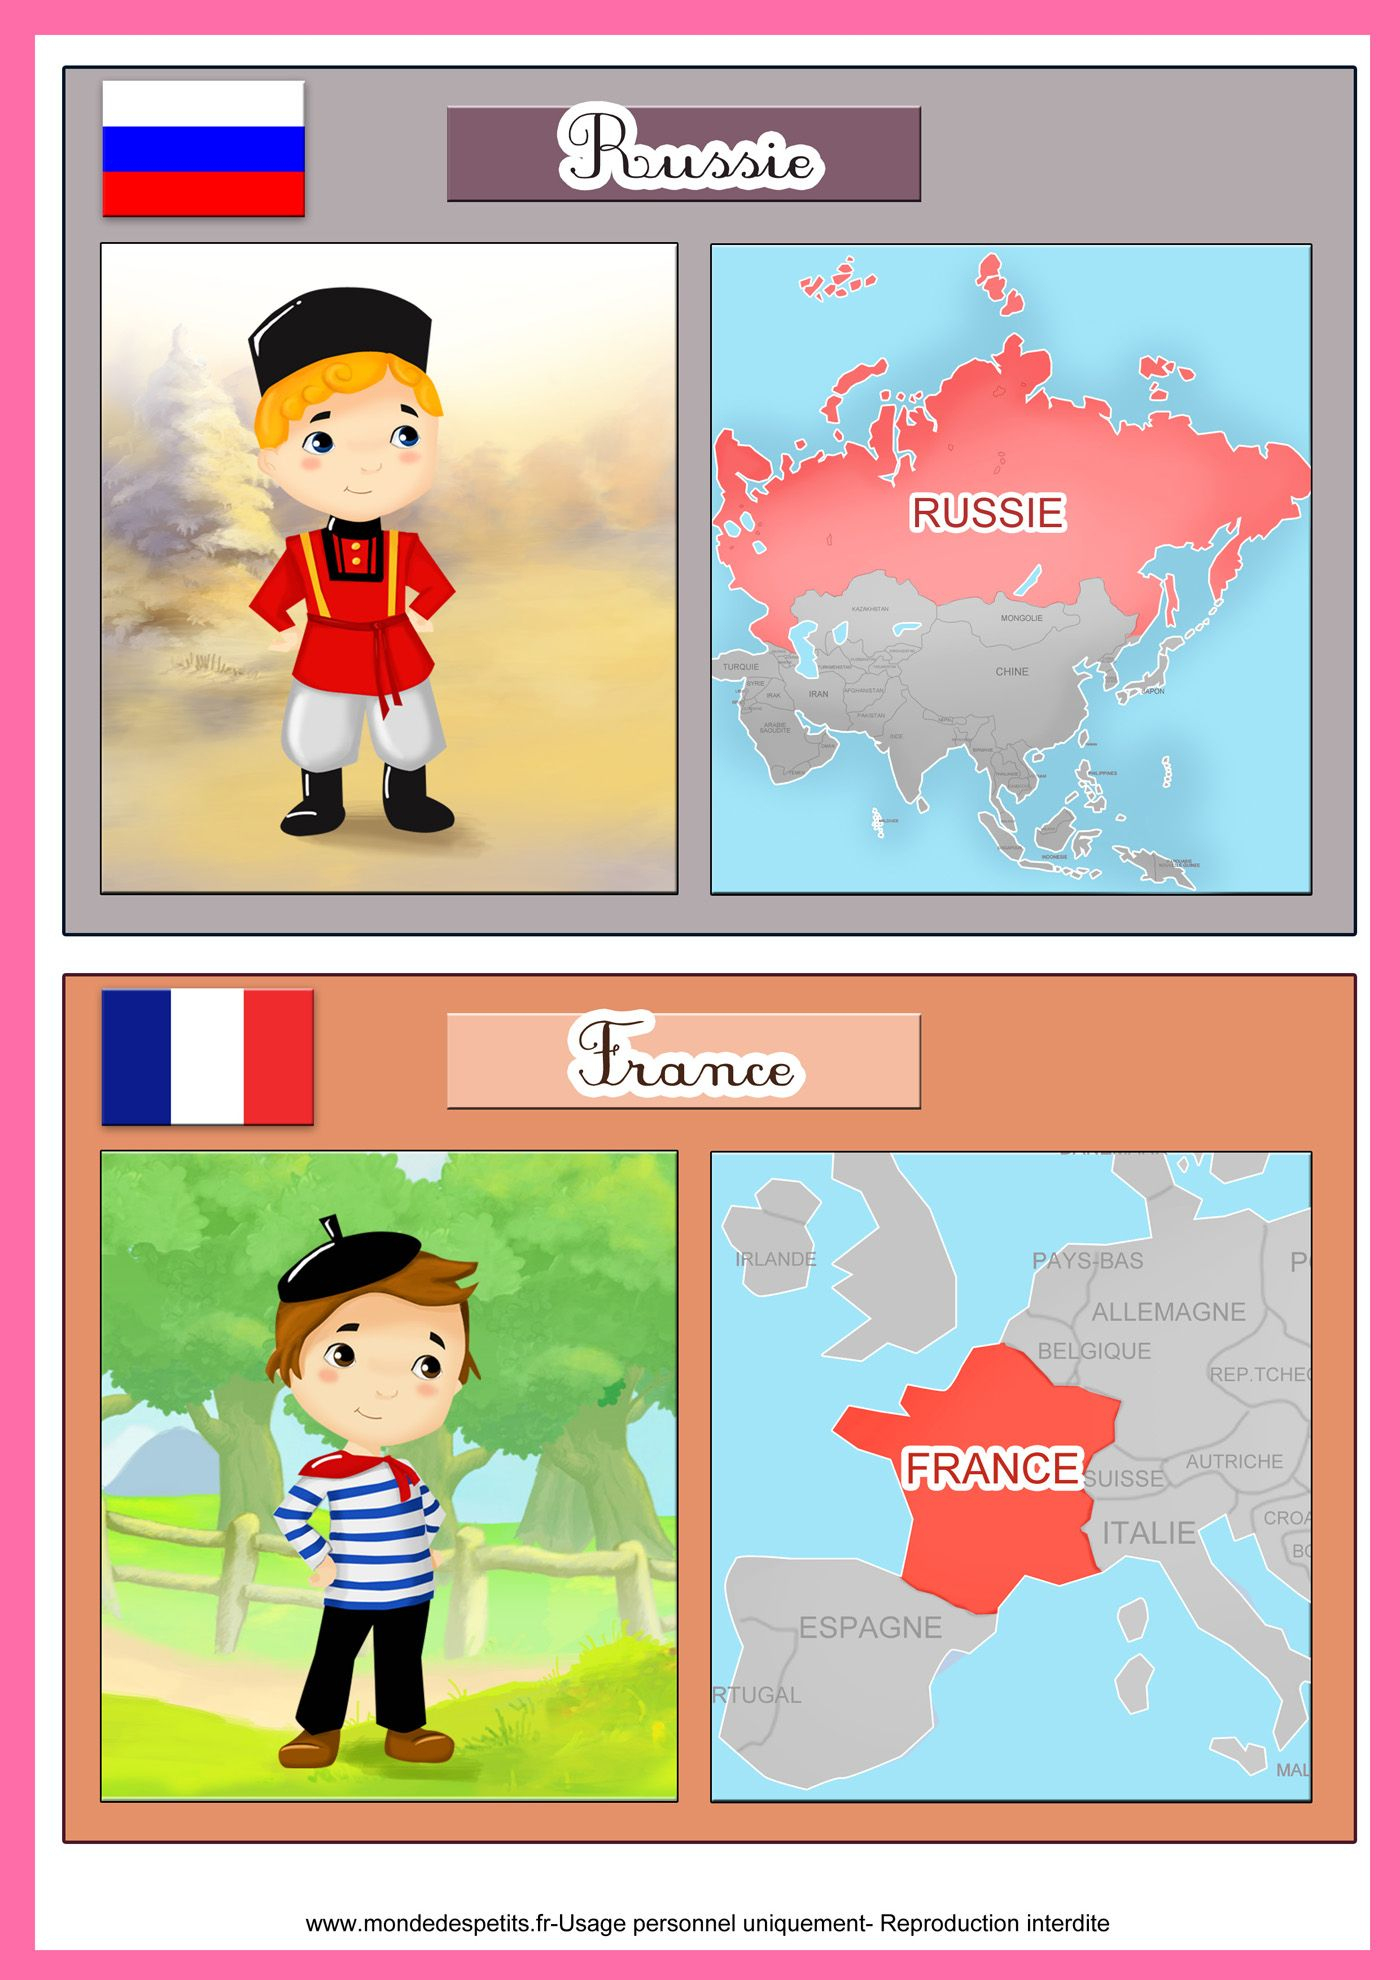 Apprendre Les Pays Du Monde Aux Enfants | Pays Du Monde tout Apprendre Pays Europe